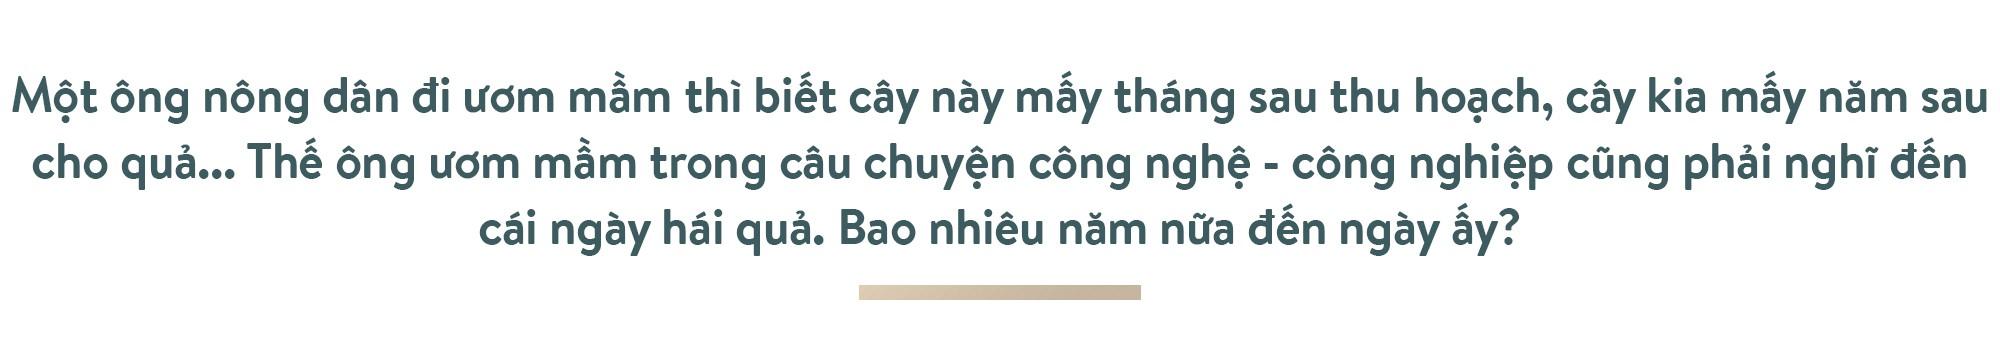 Ông Phạm Nhật Vượng: Thế giới phải biết Việt Nam trí tuệ, đẳng cấp - Ảnh 12.